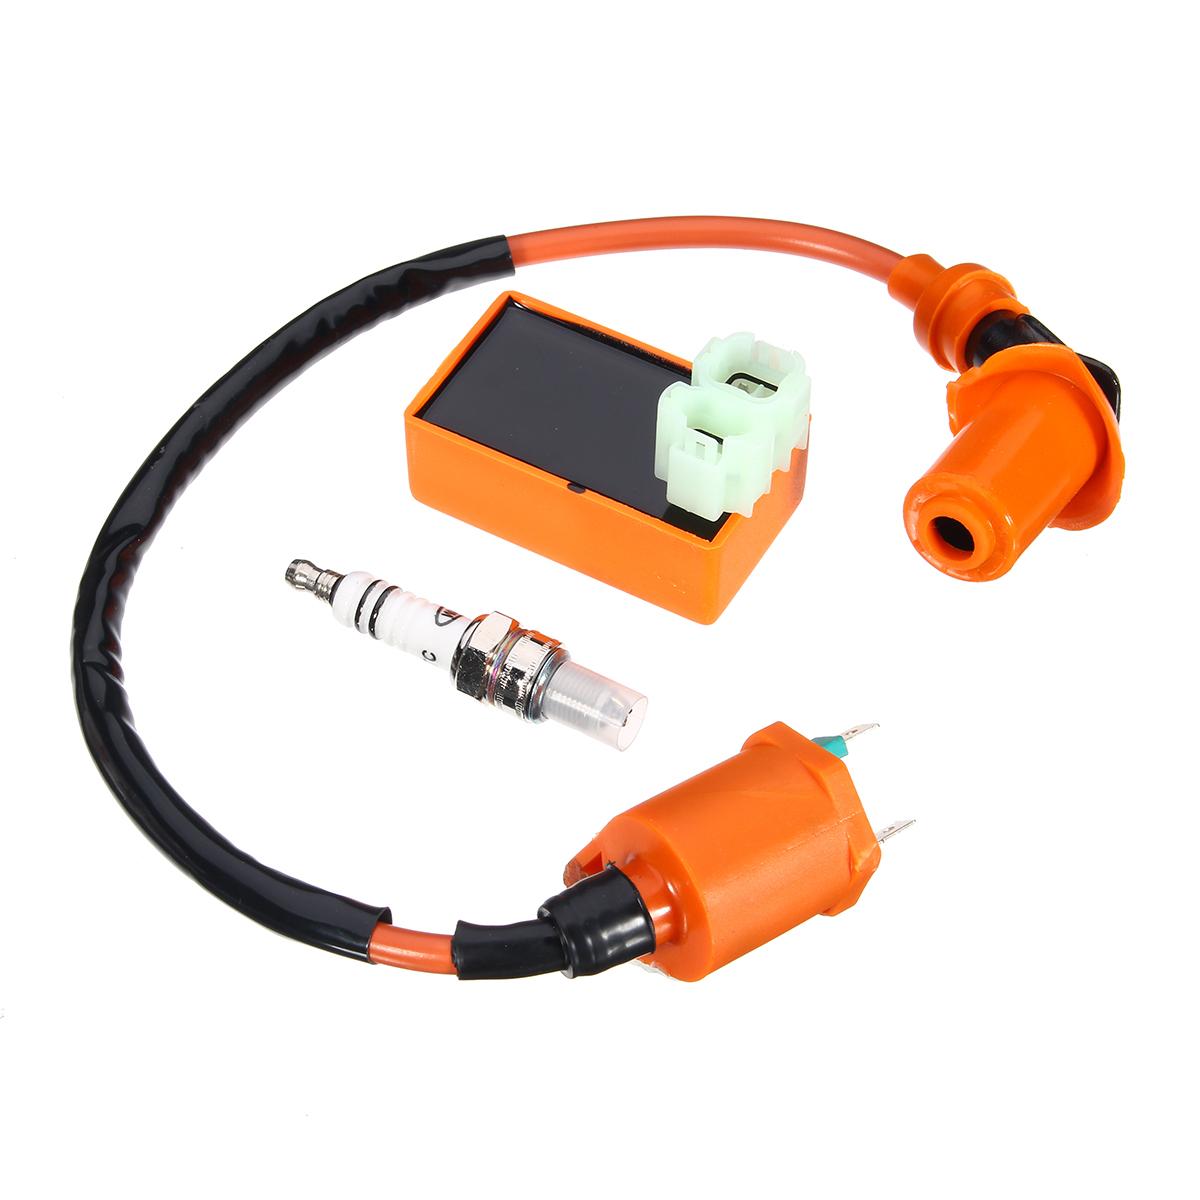 Racing CDI Ignition Coil Spark Plug For Gy6 50CC 125CC 150CC